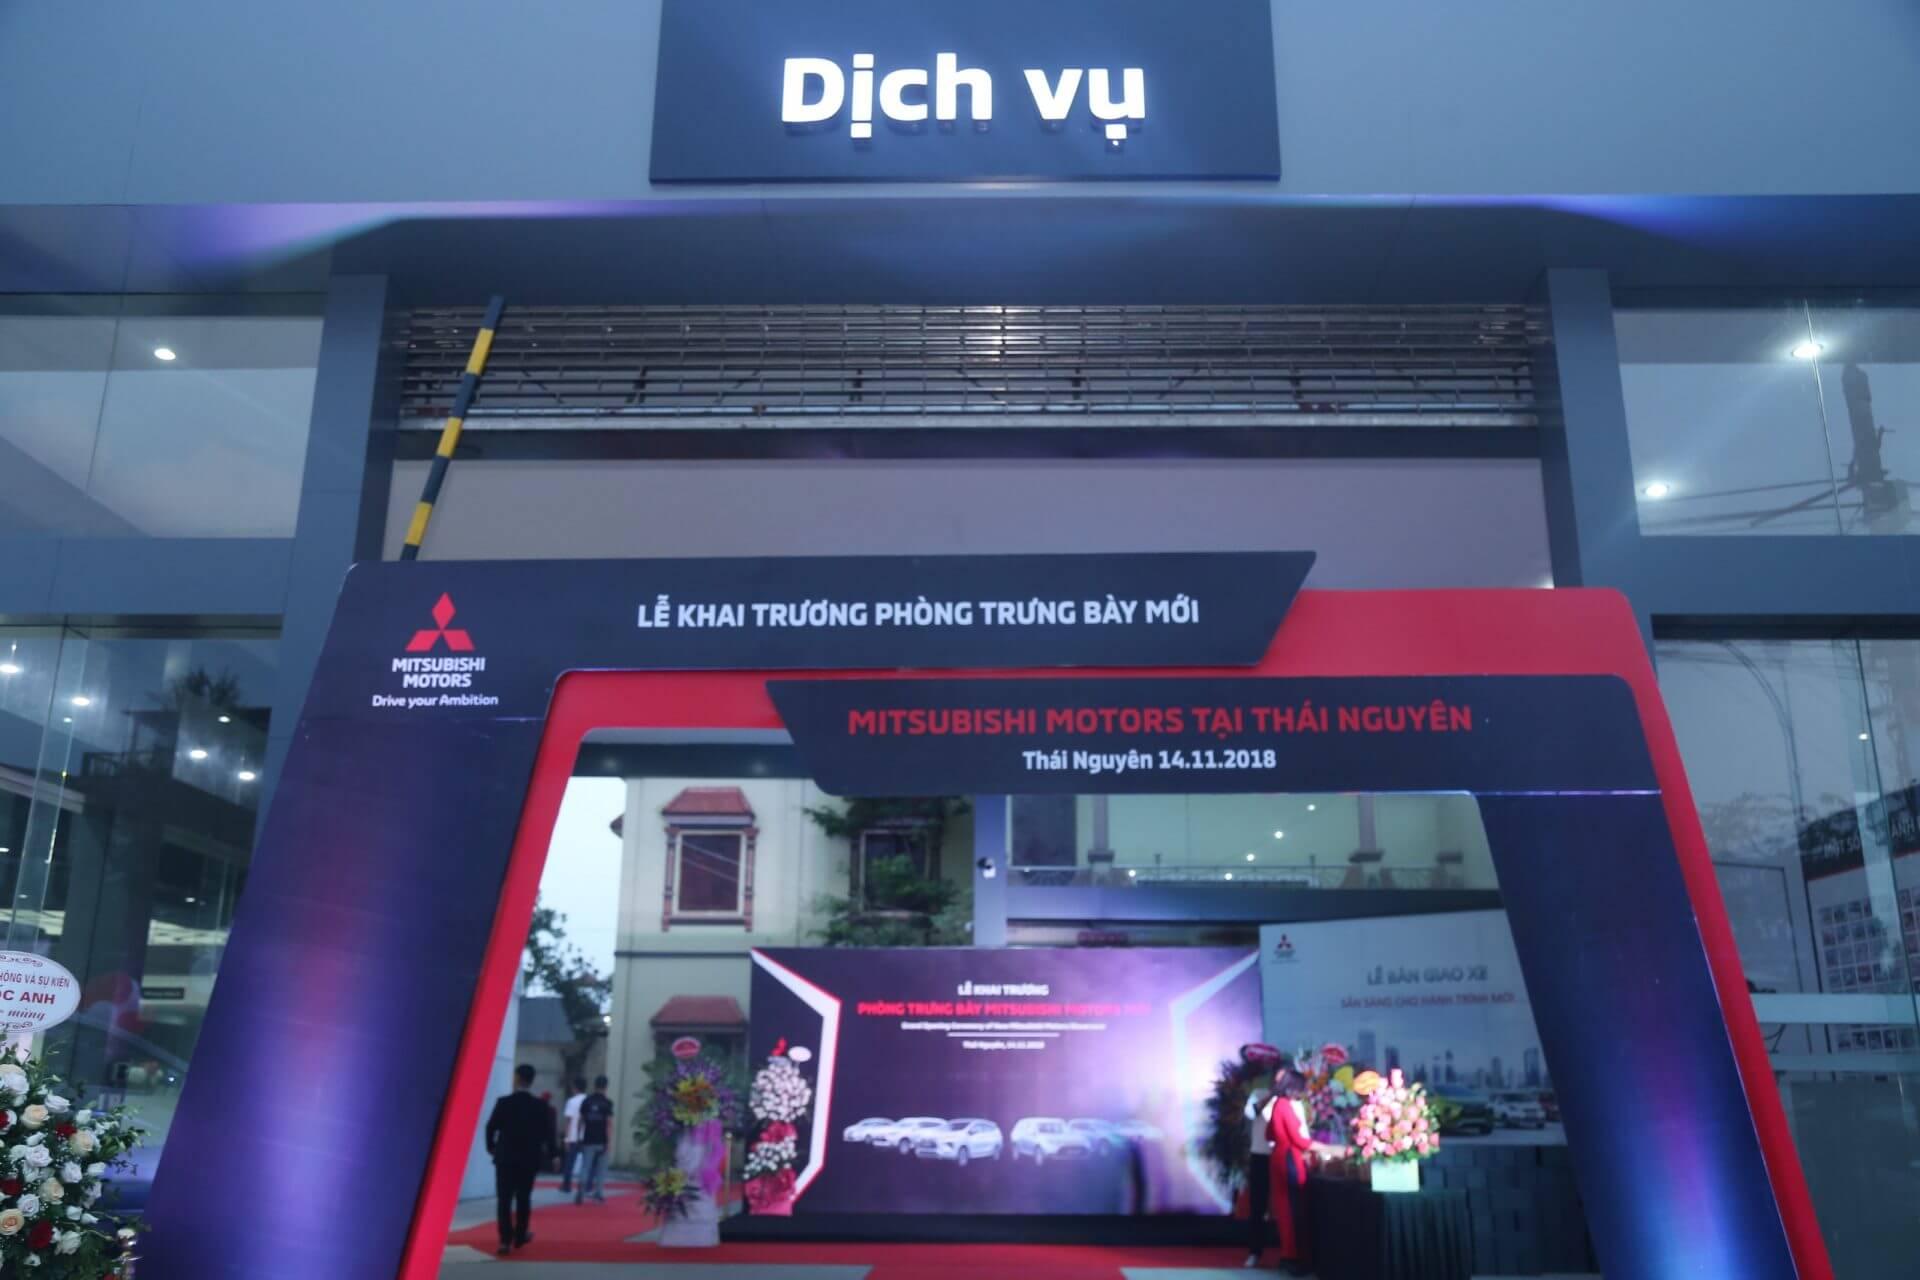 Đại lý Mitsubishi Thái Nguyên khai trương phòng trưng bày mới theo chuẩn nhận diện toàn cầu